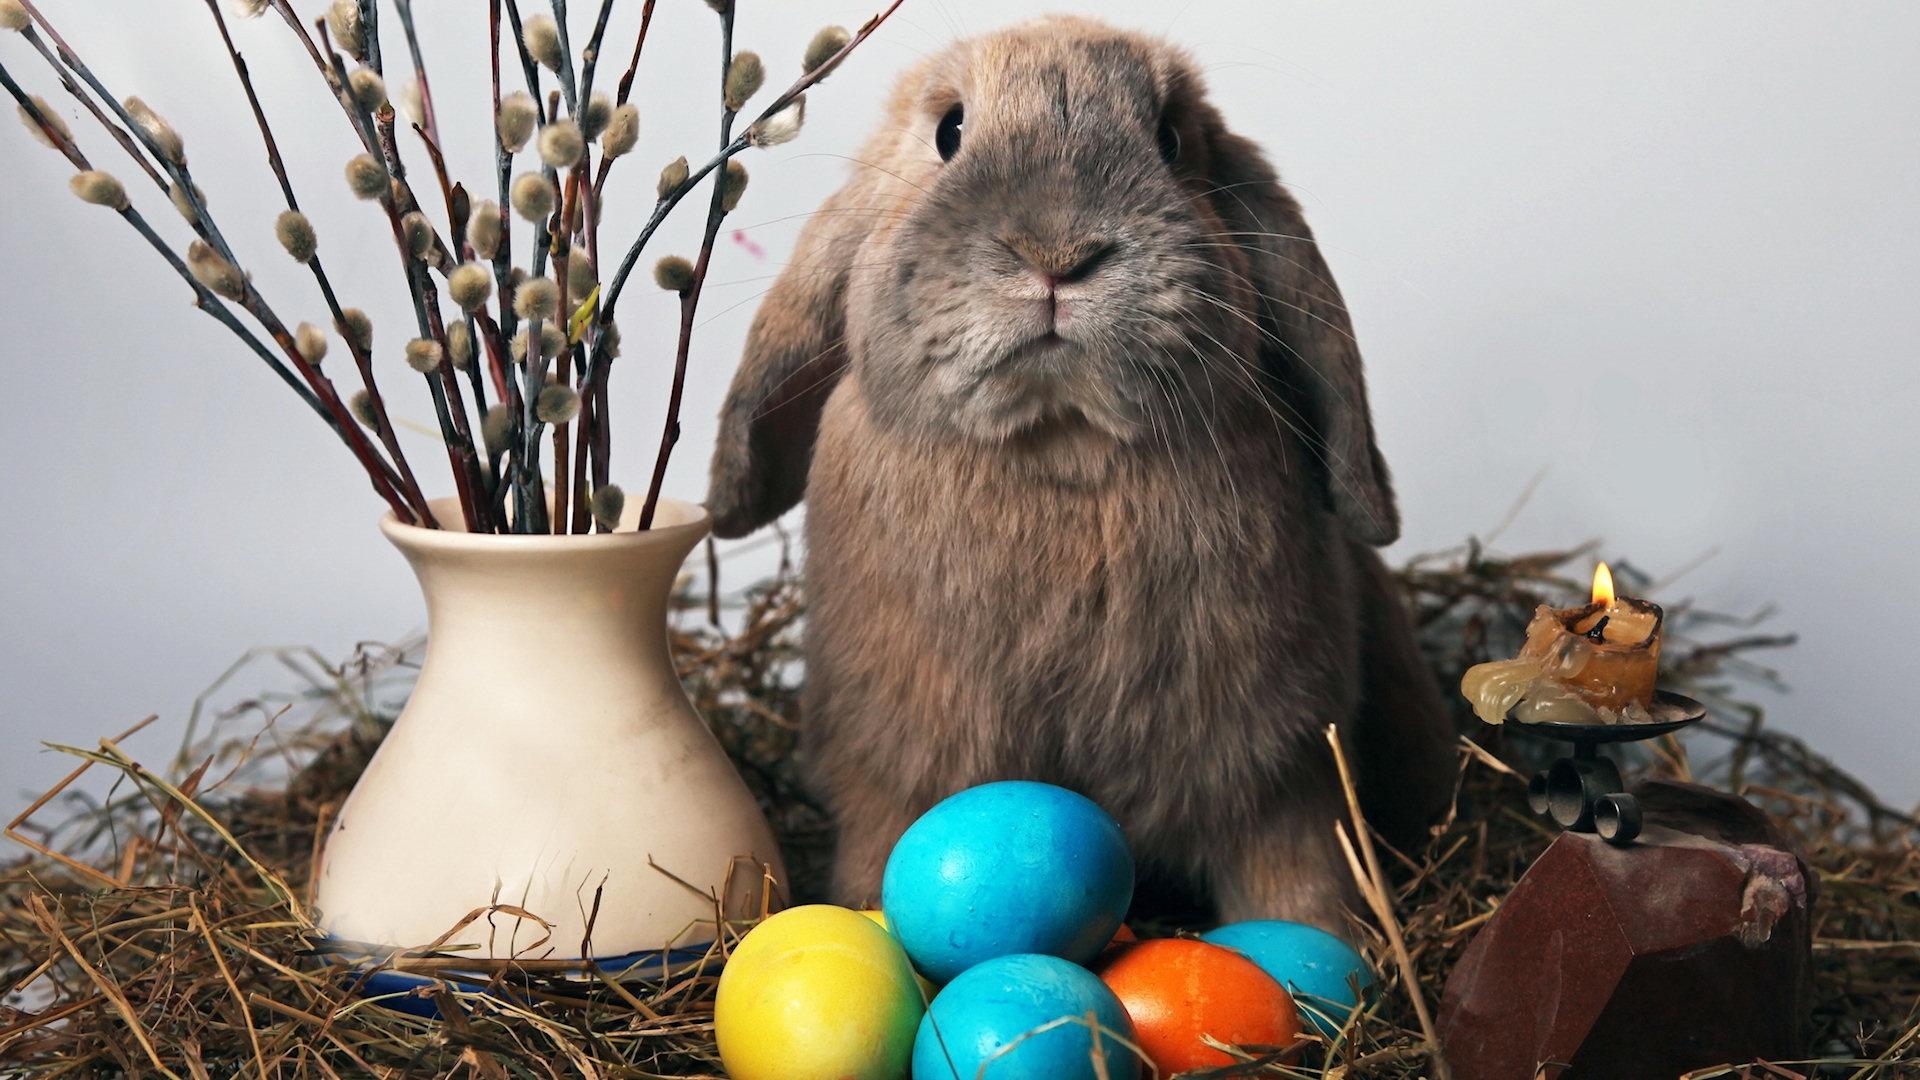 35 Happy Easter Desktop Wallpaper HD For Free